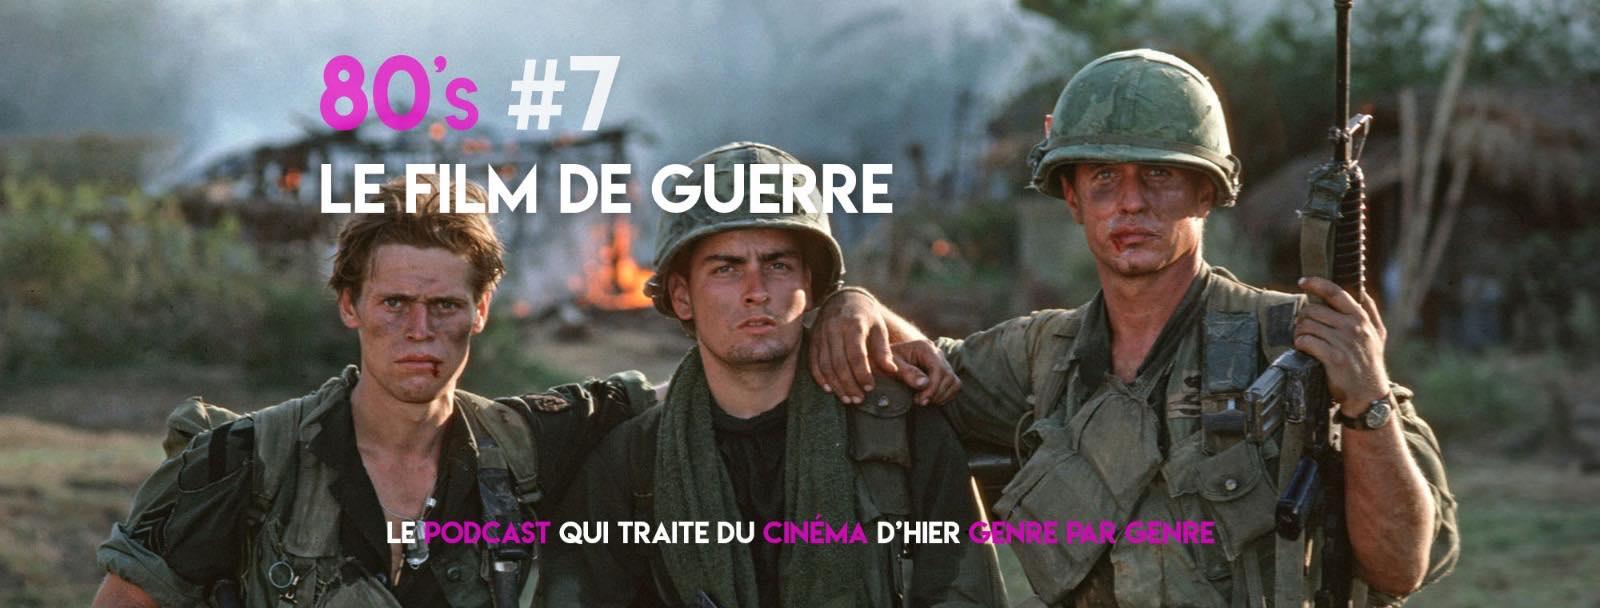 Parlons Péloches - 80's #7 Le film de guerre